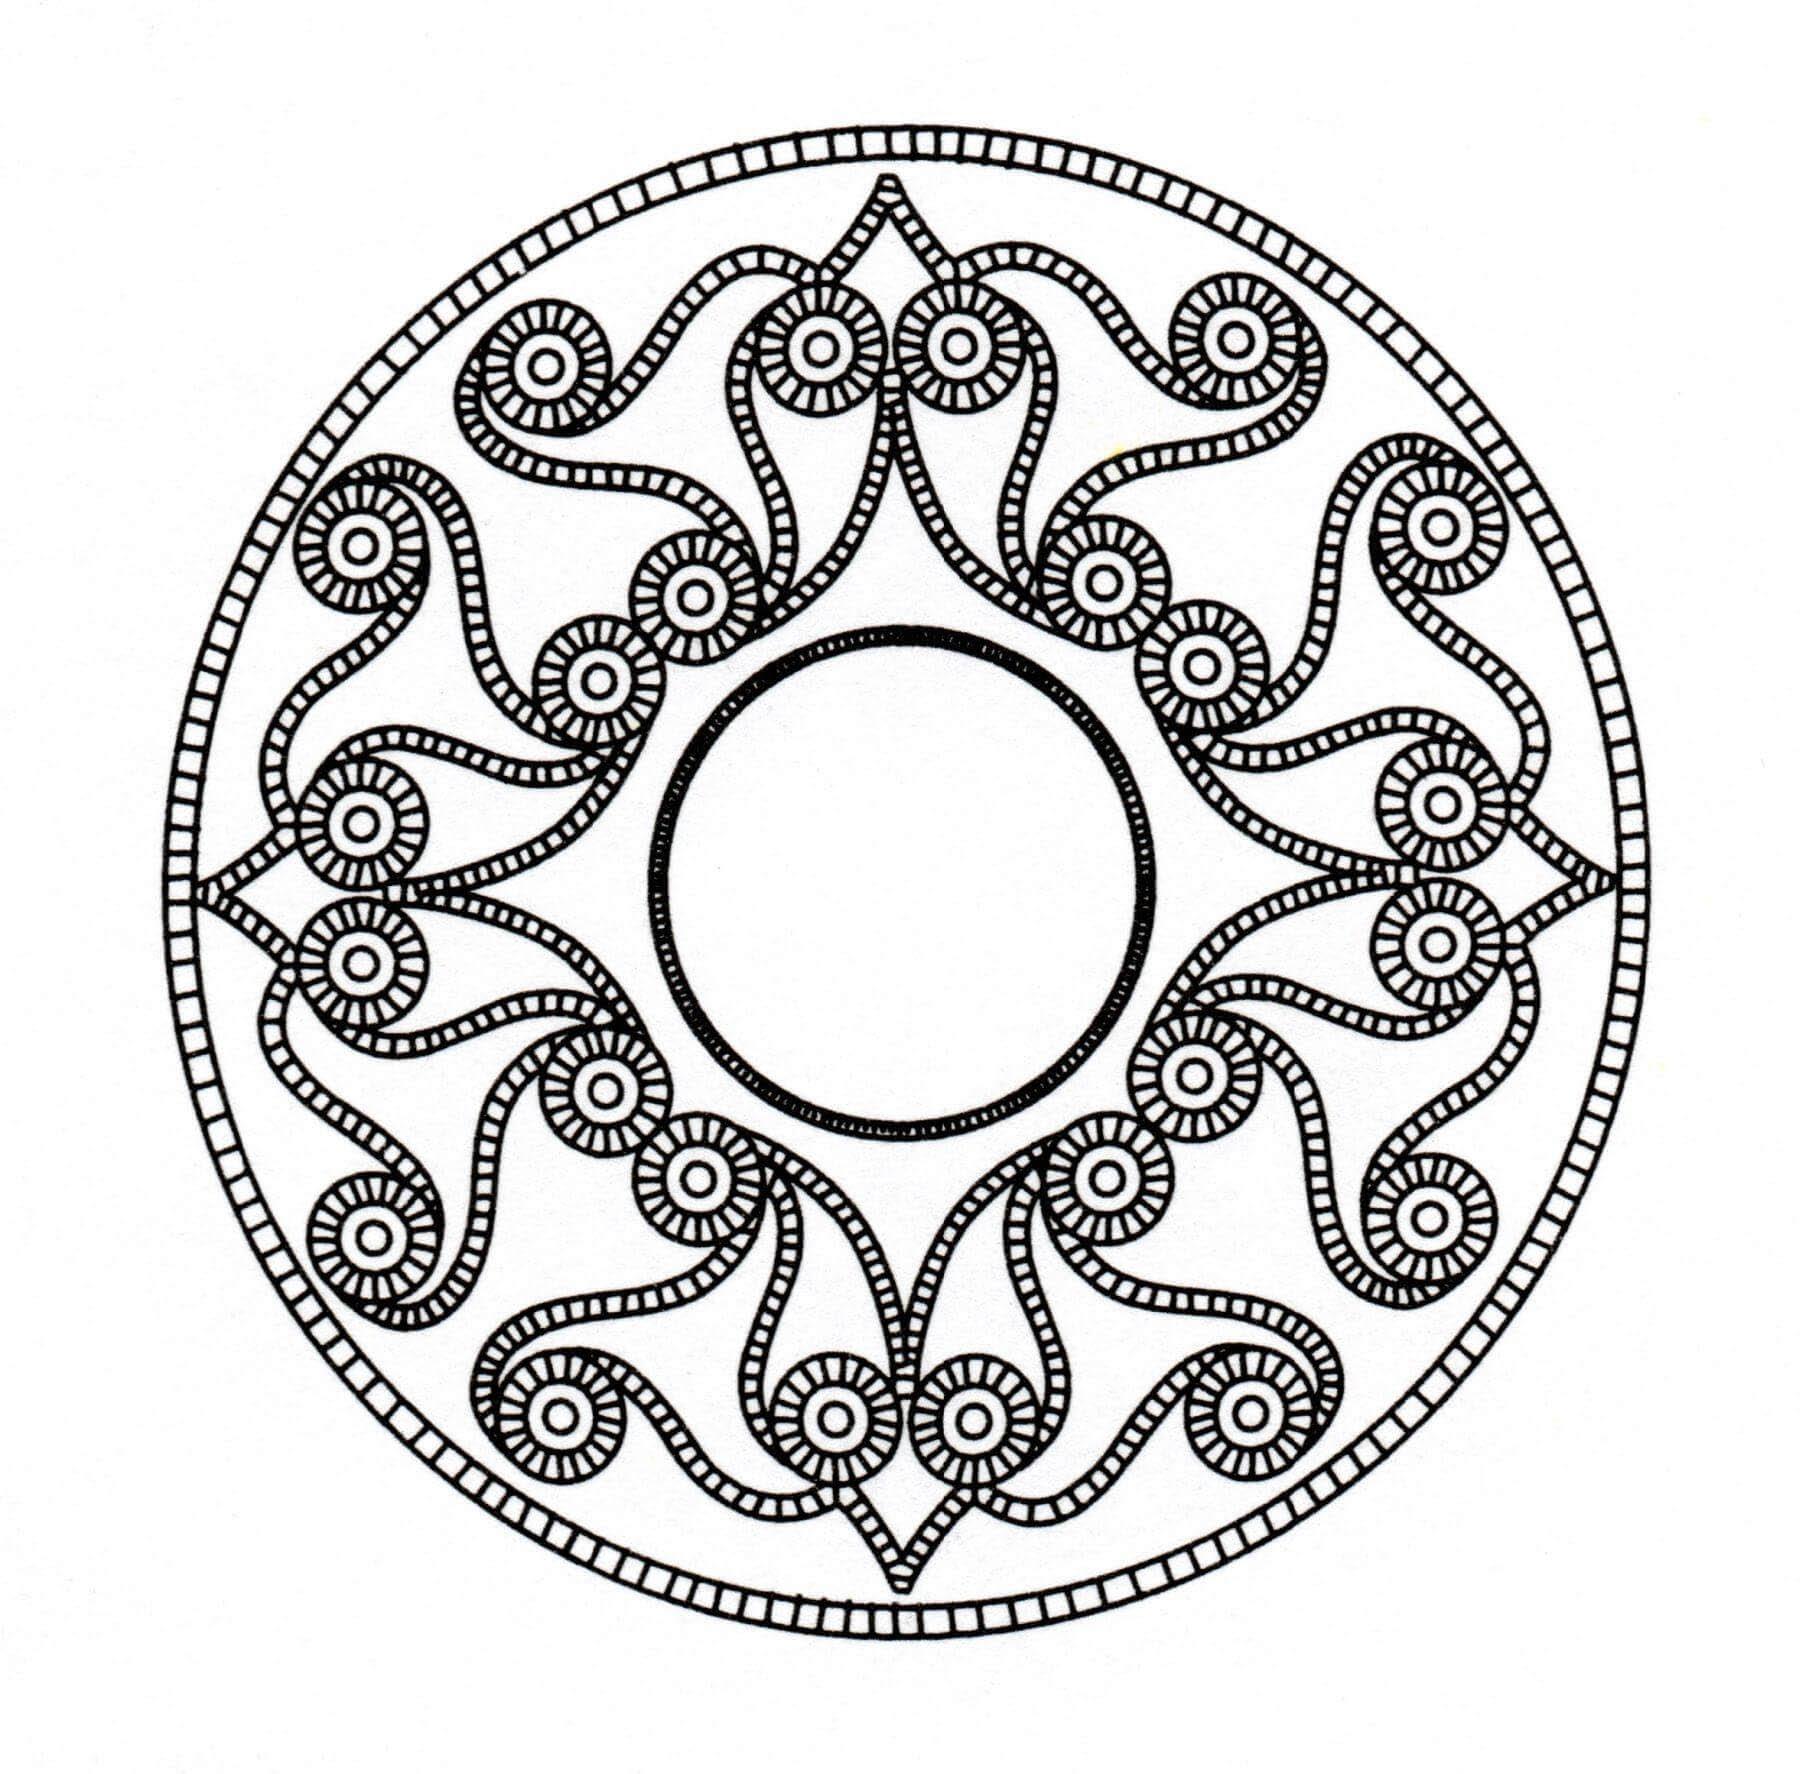 Disegni da Colorare per Adulti : Arte Celtica - 54